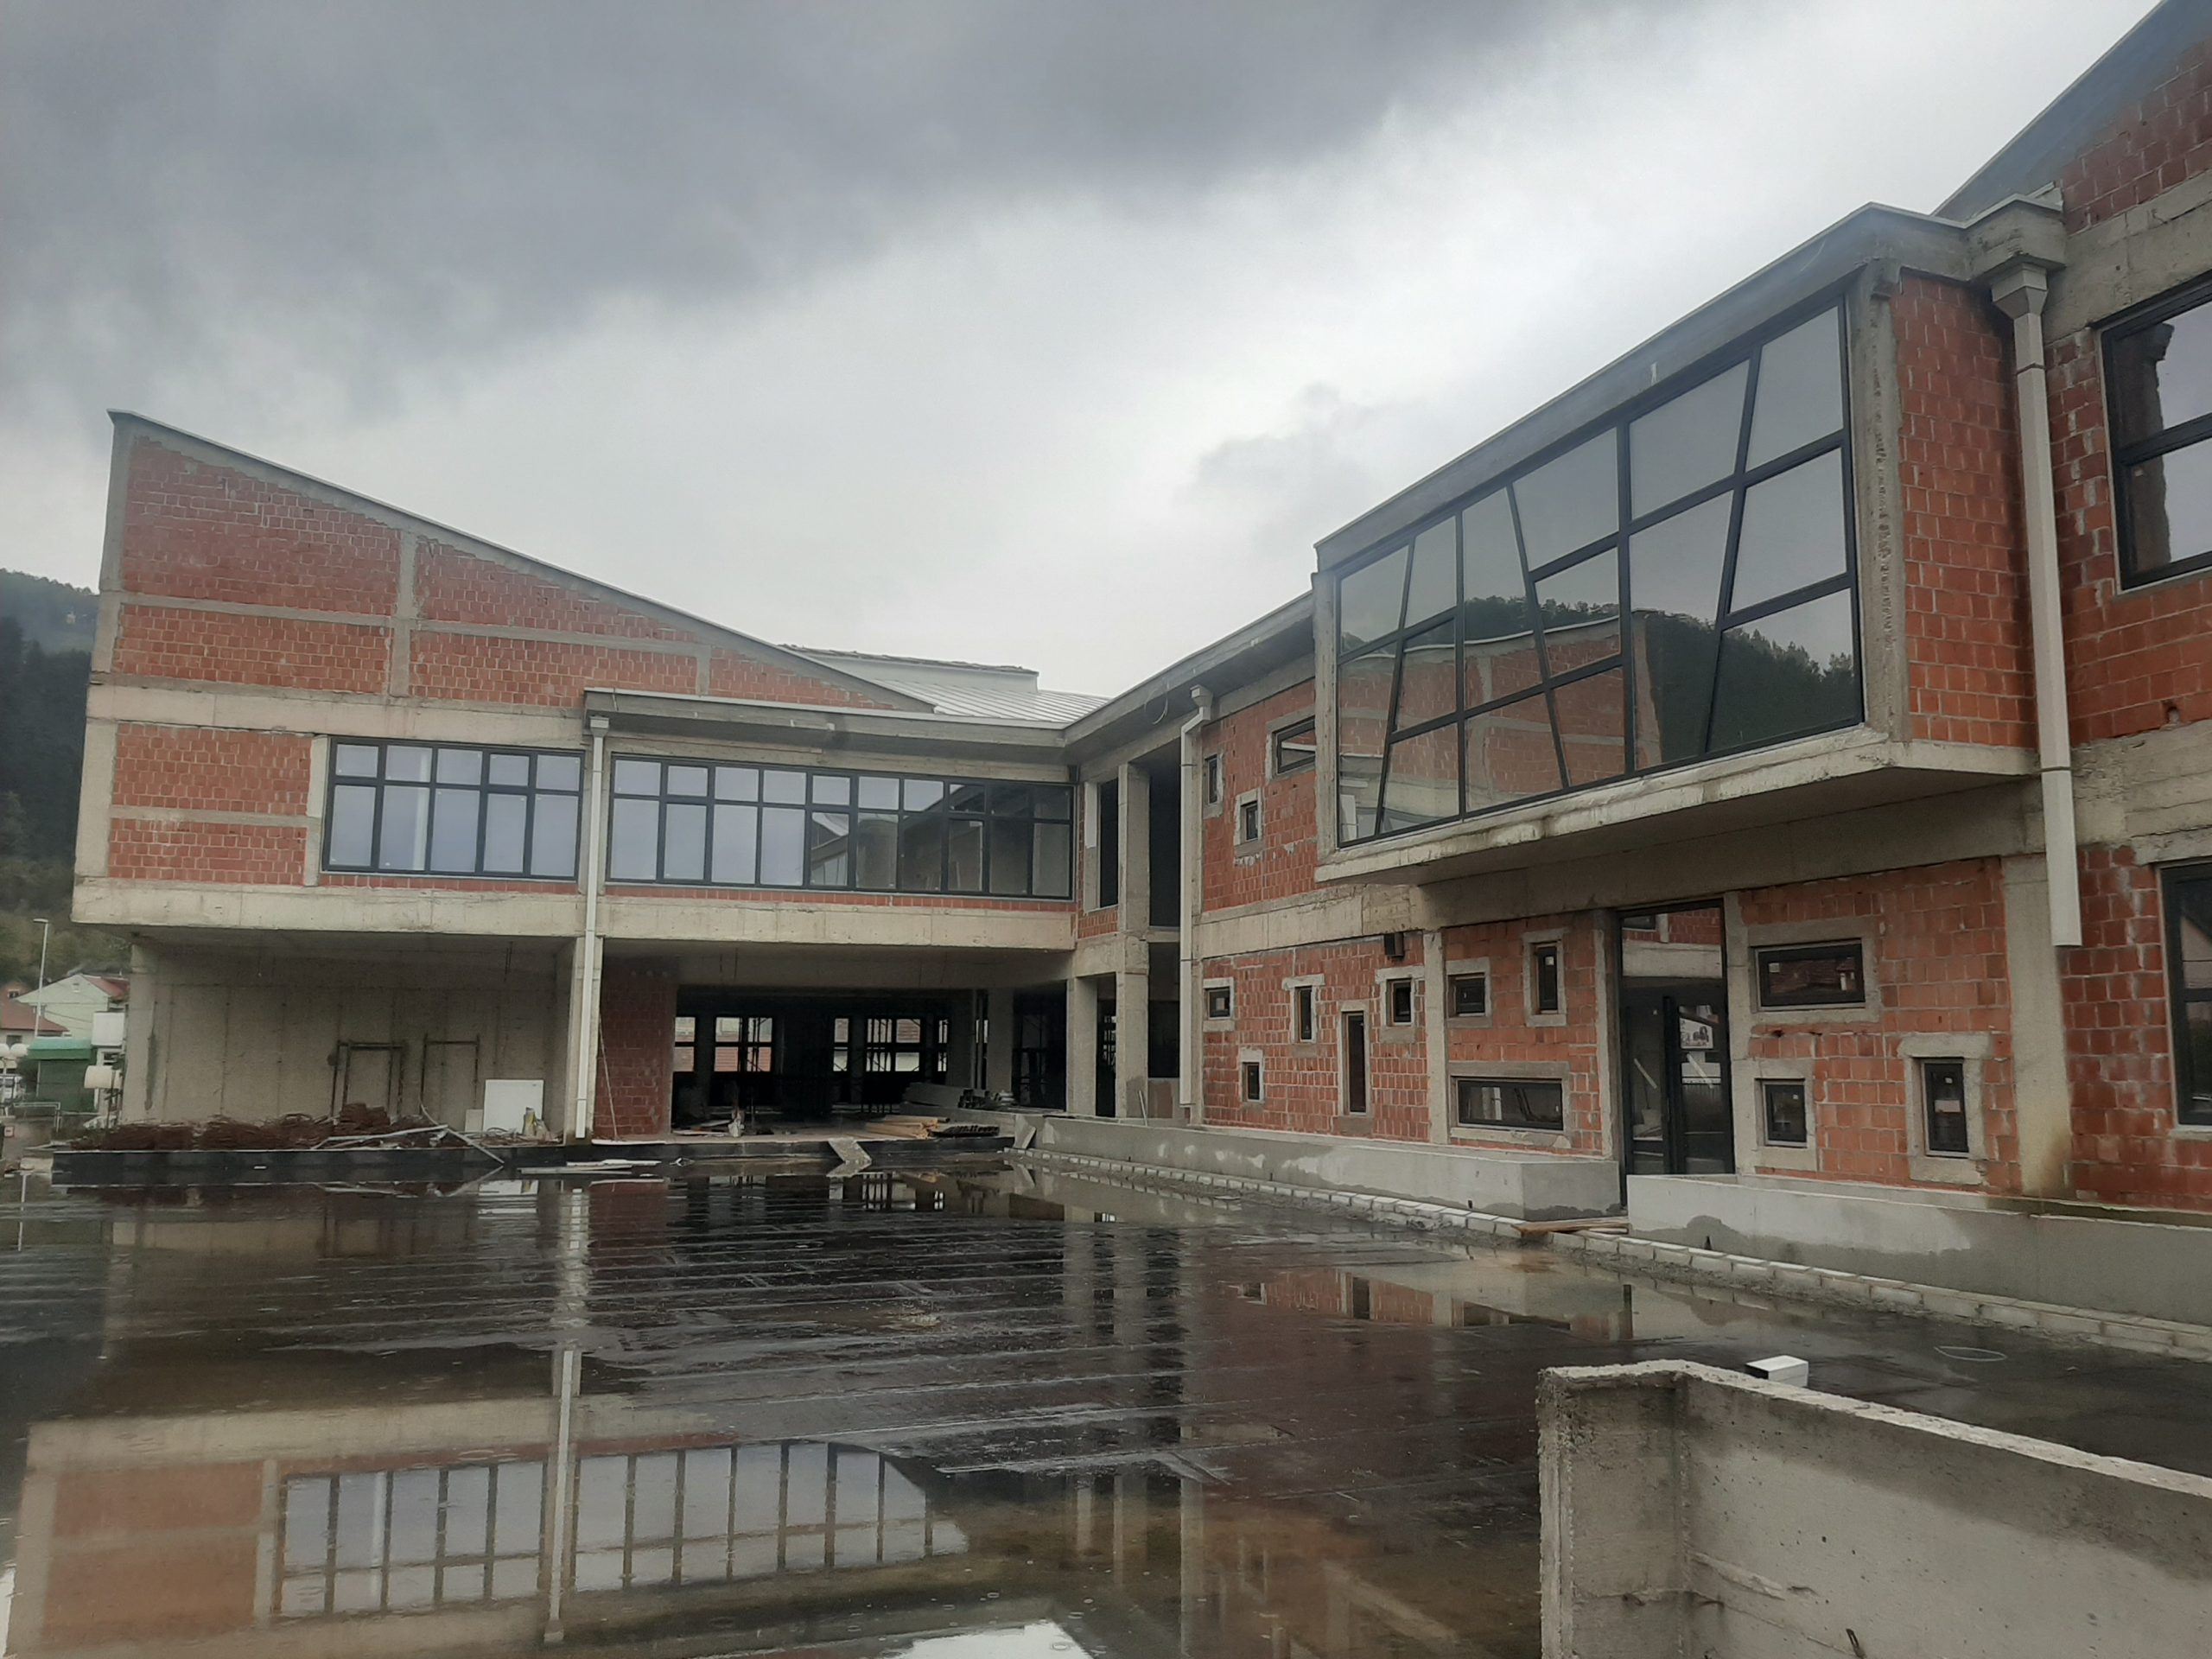 Radovi na objektu škole u Bijelom Polju nastavljeni nakon višemjesečnog zastoja